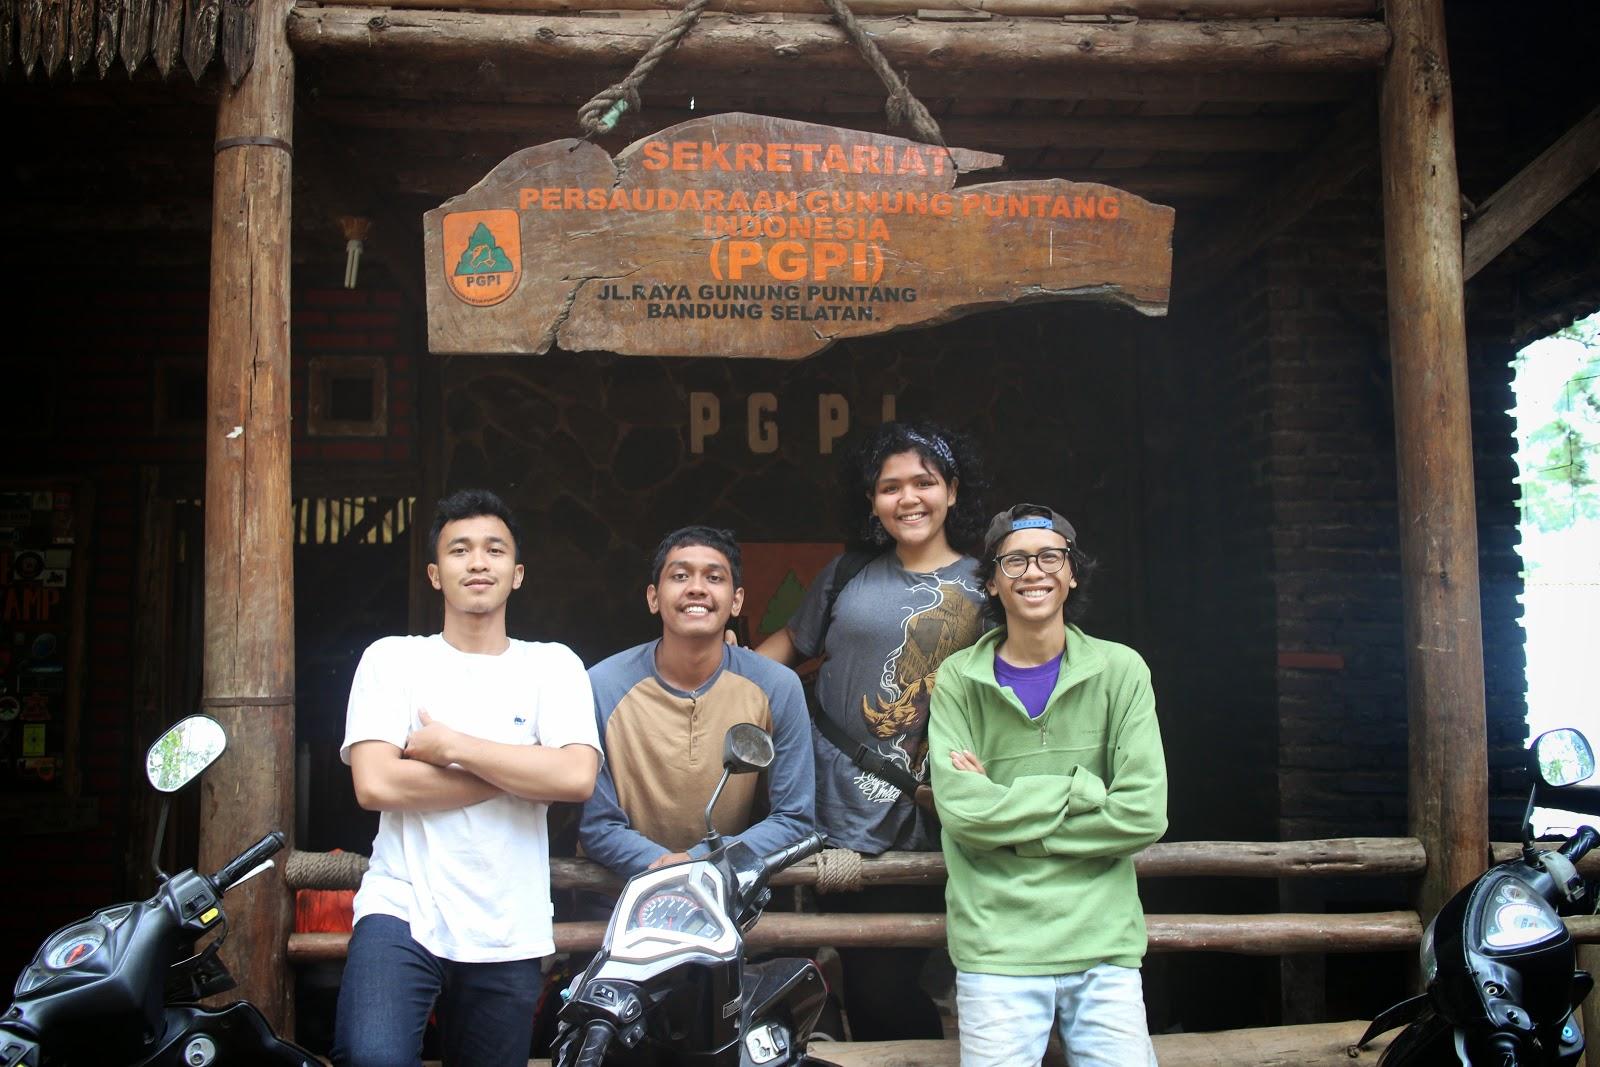 mejeng di depan basecamp Persaudaraan gunung puntang Indonesia